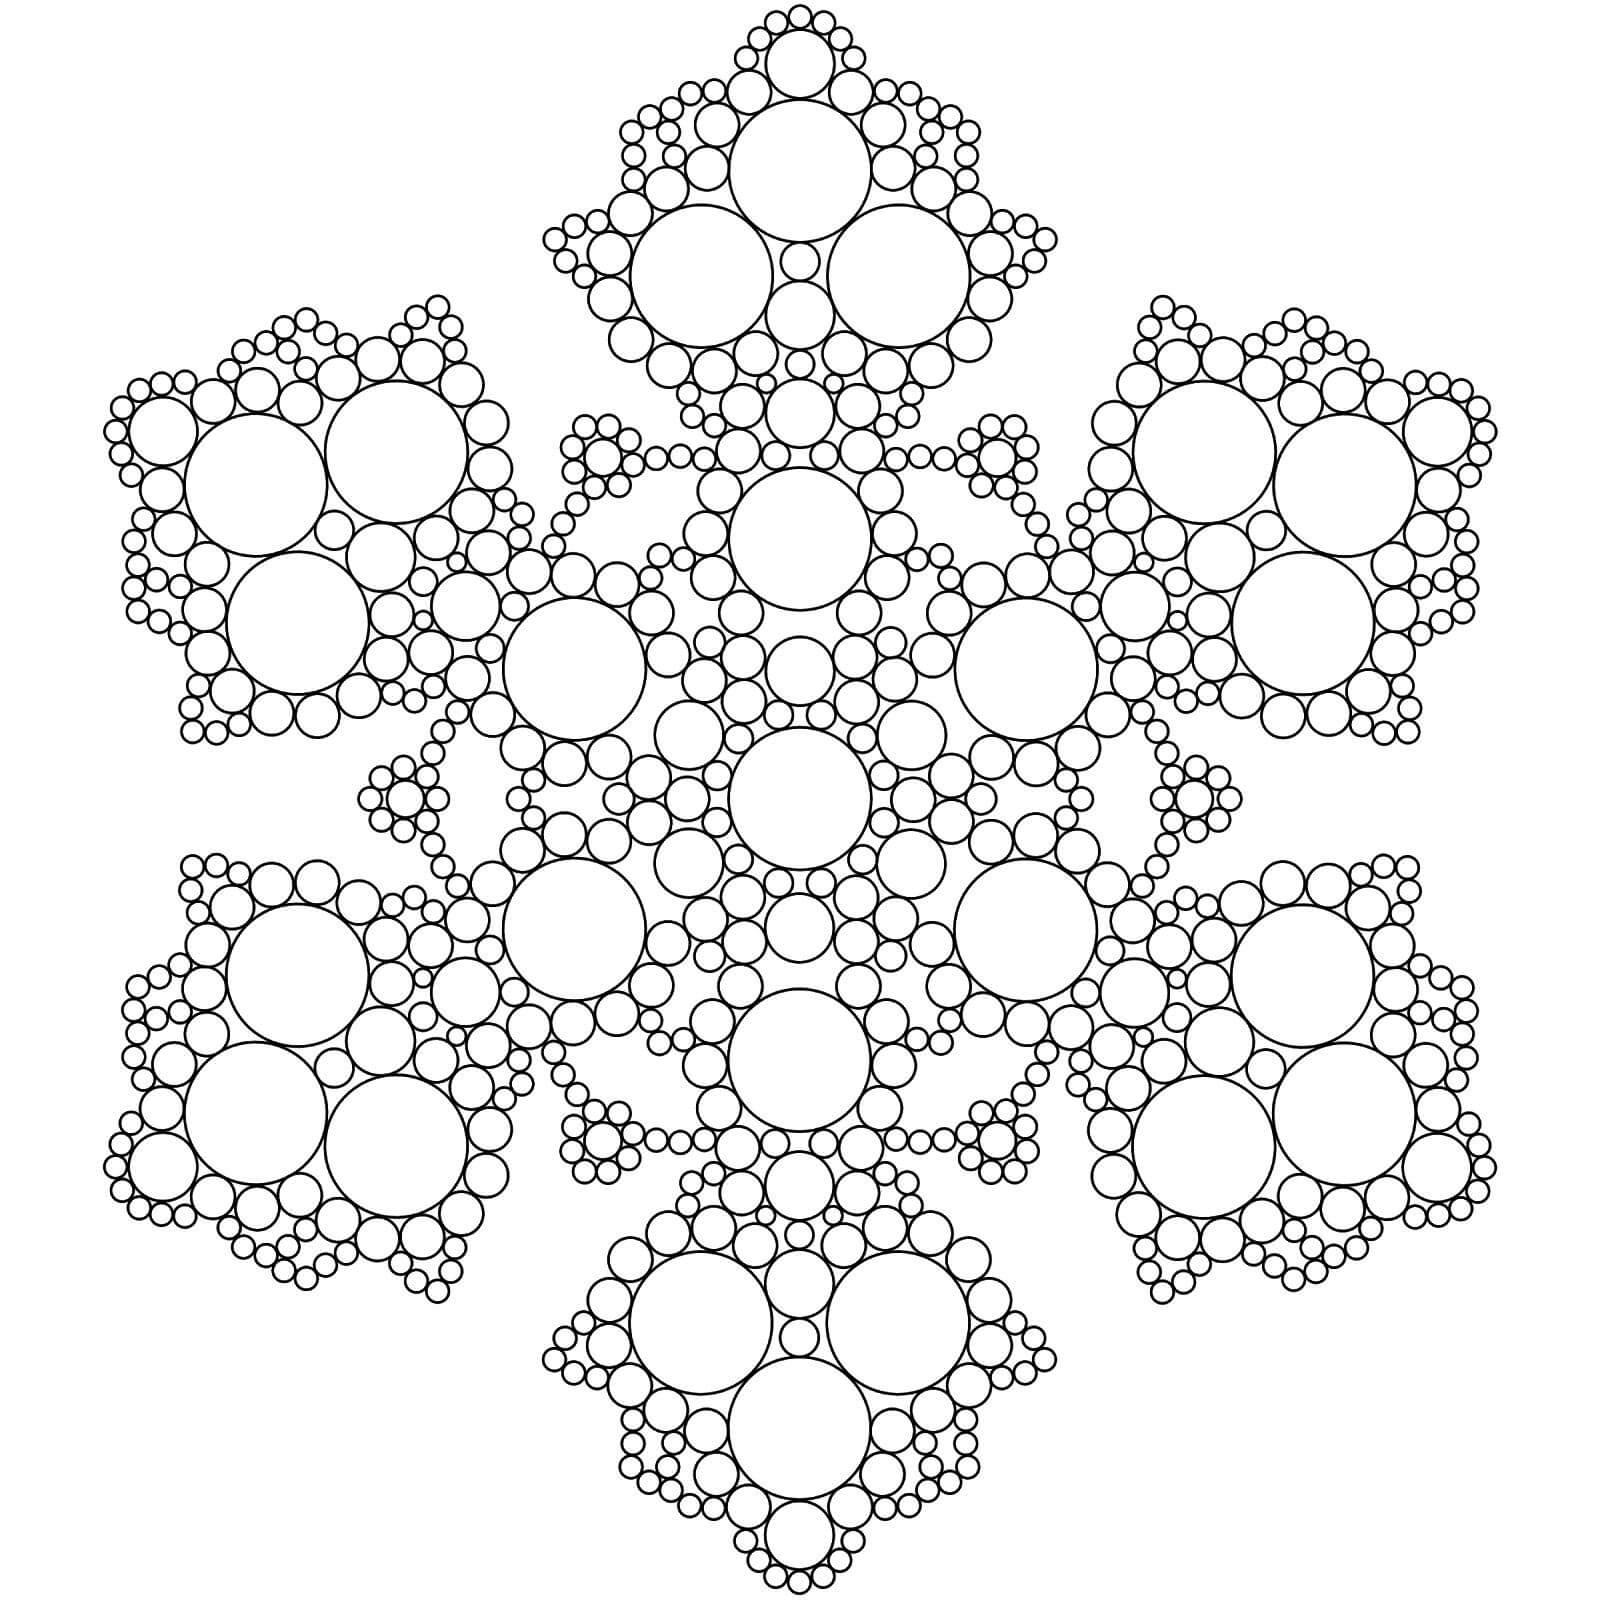 Шаблон для вырезания Снежинка из кружочков